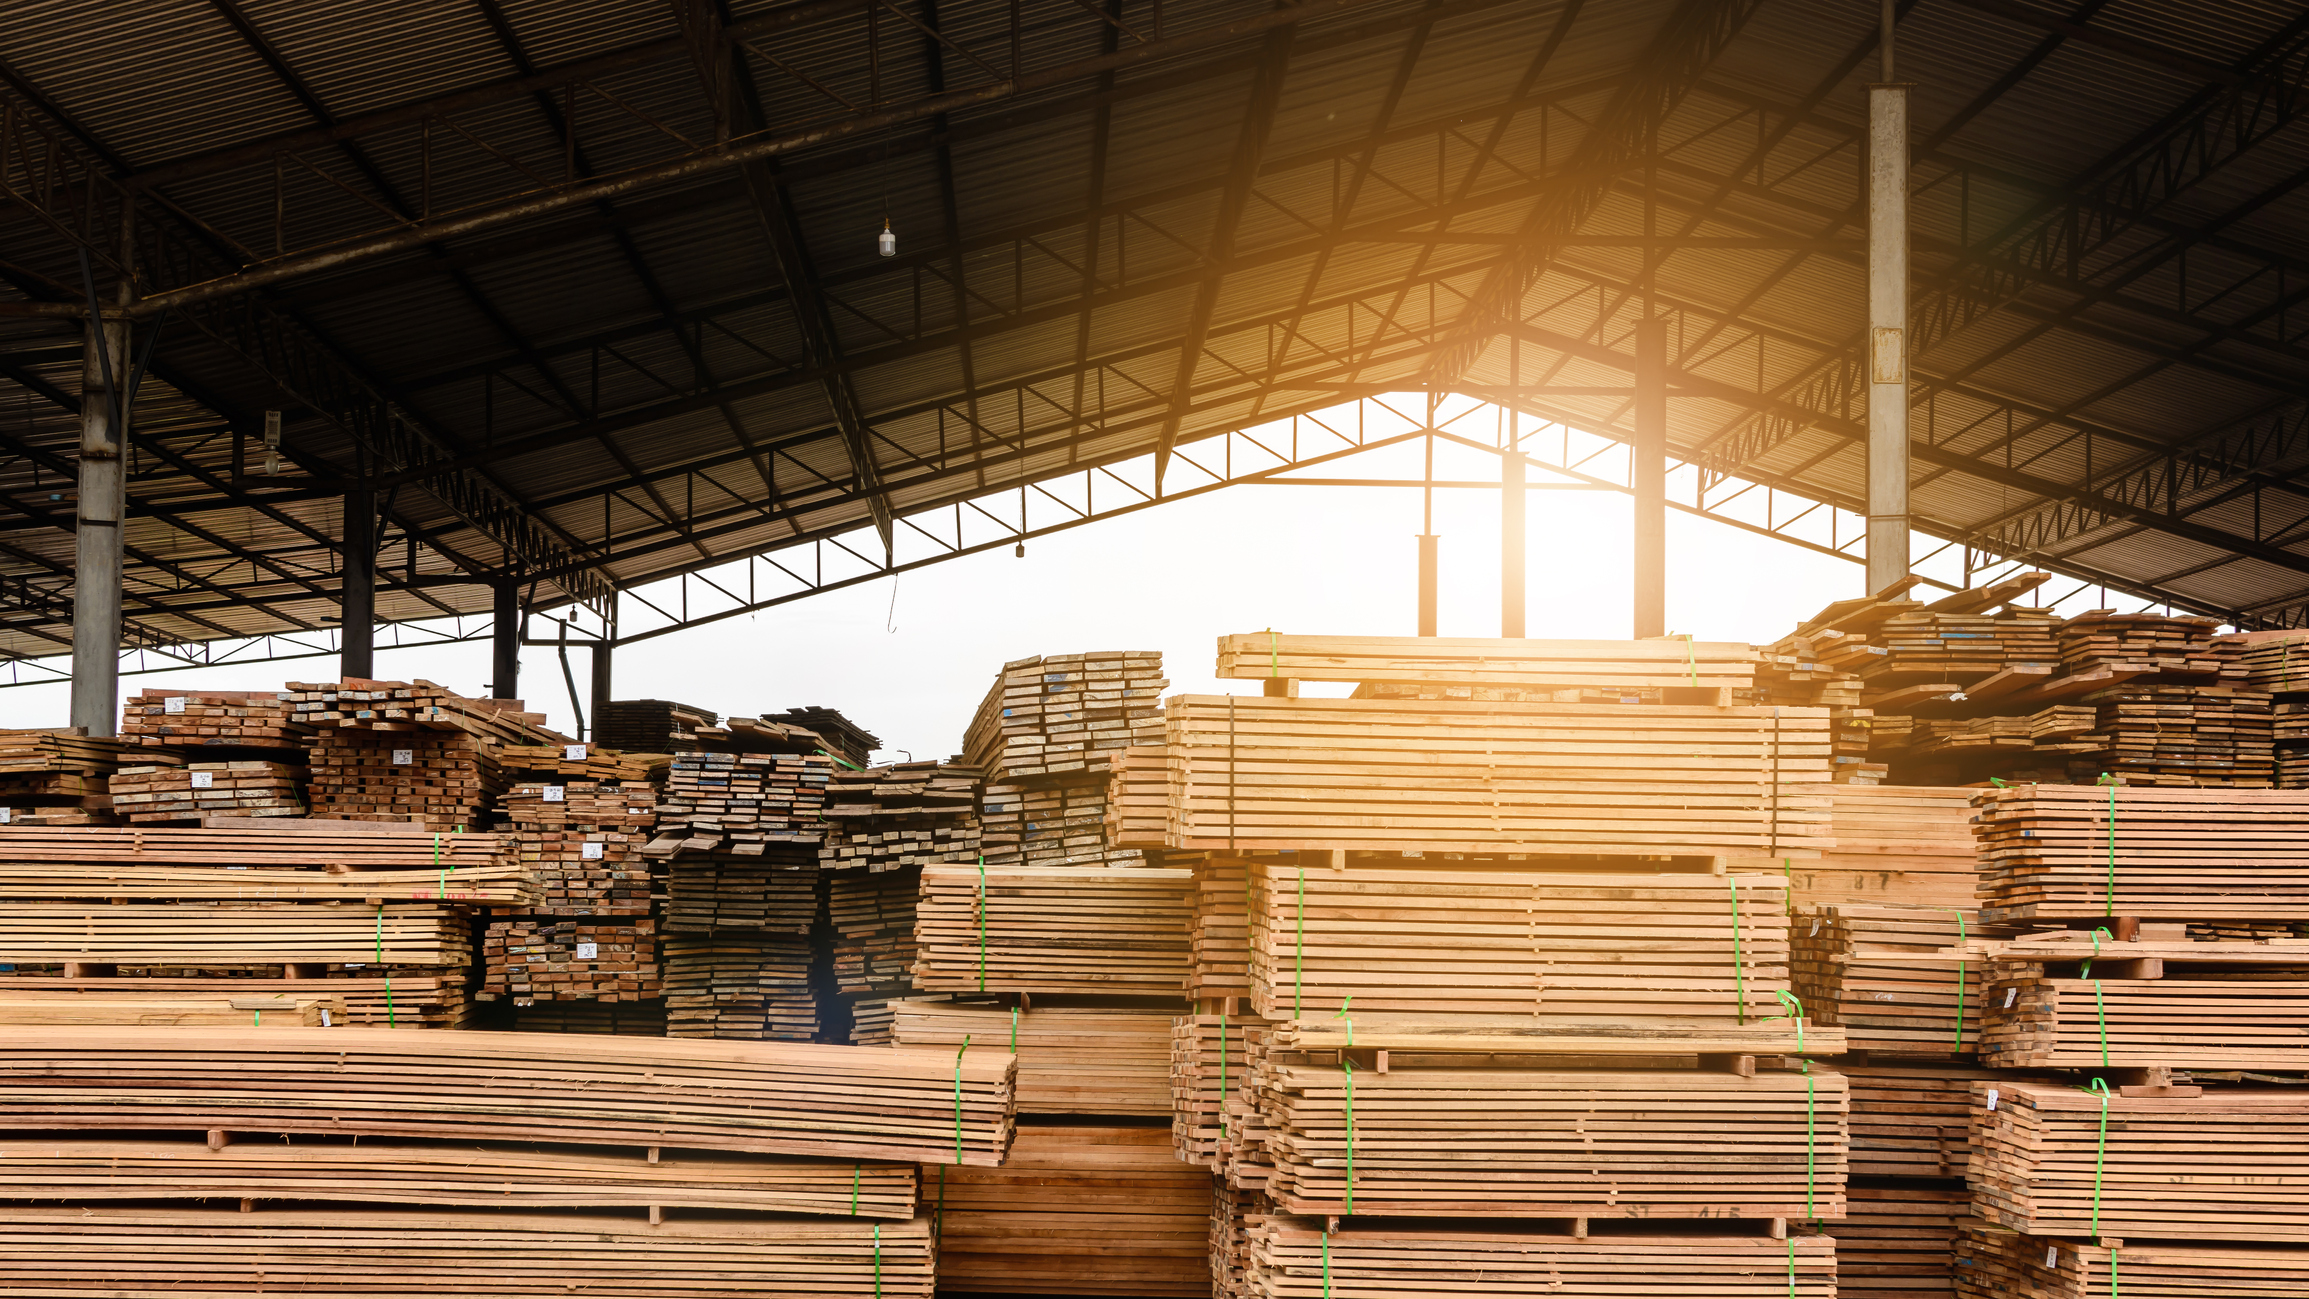 Timber merchants quality online timber merchant - Fabricas de madera ...